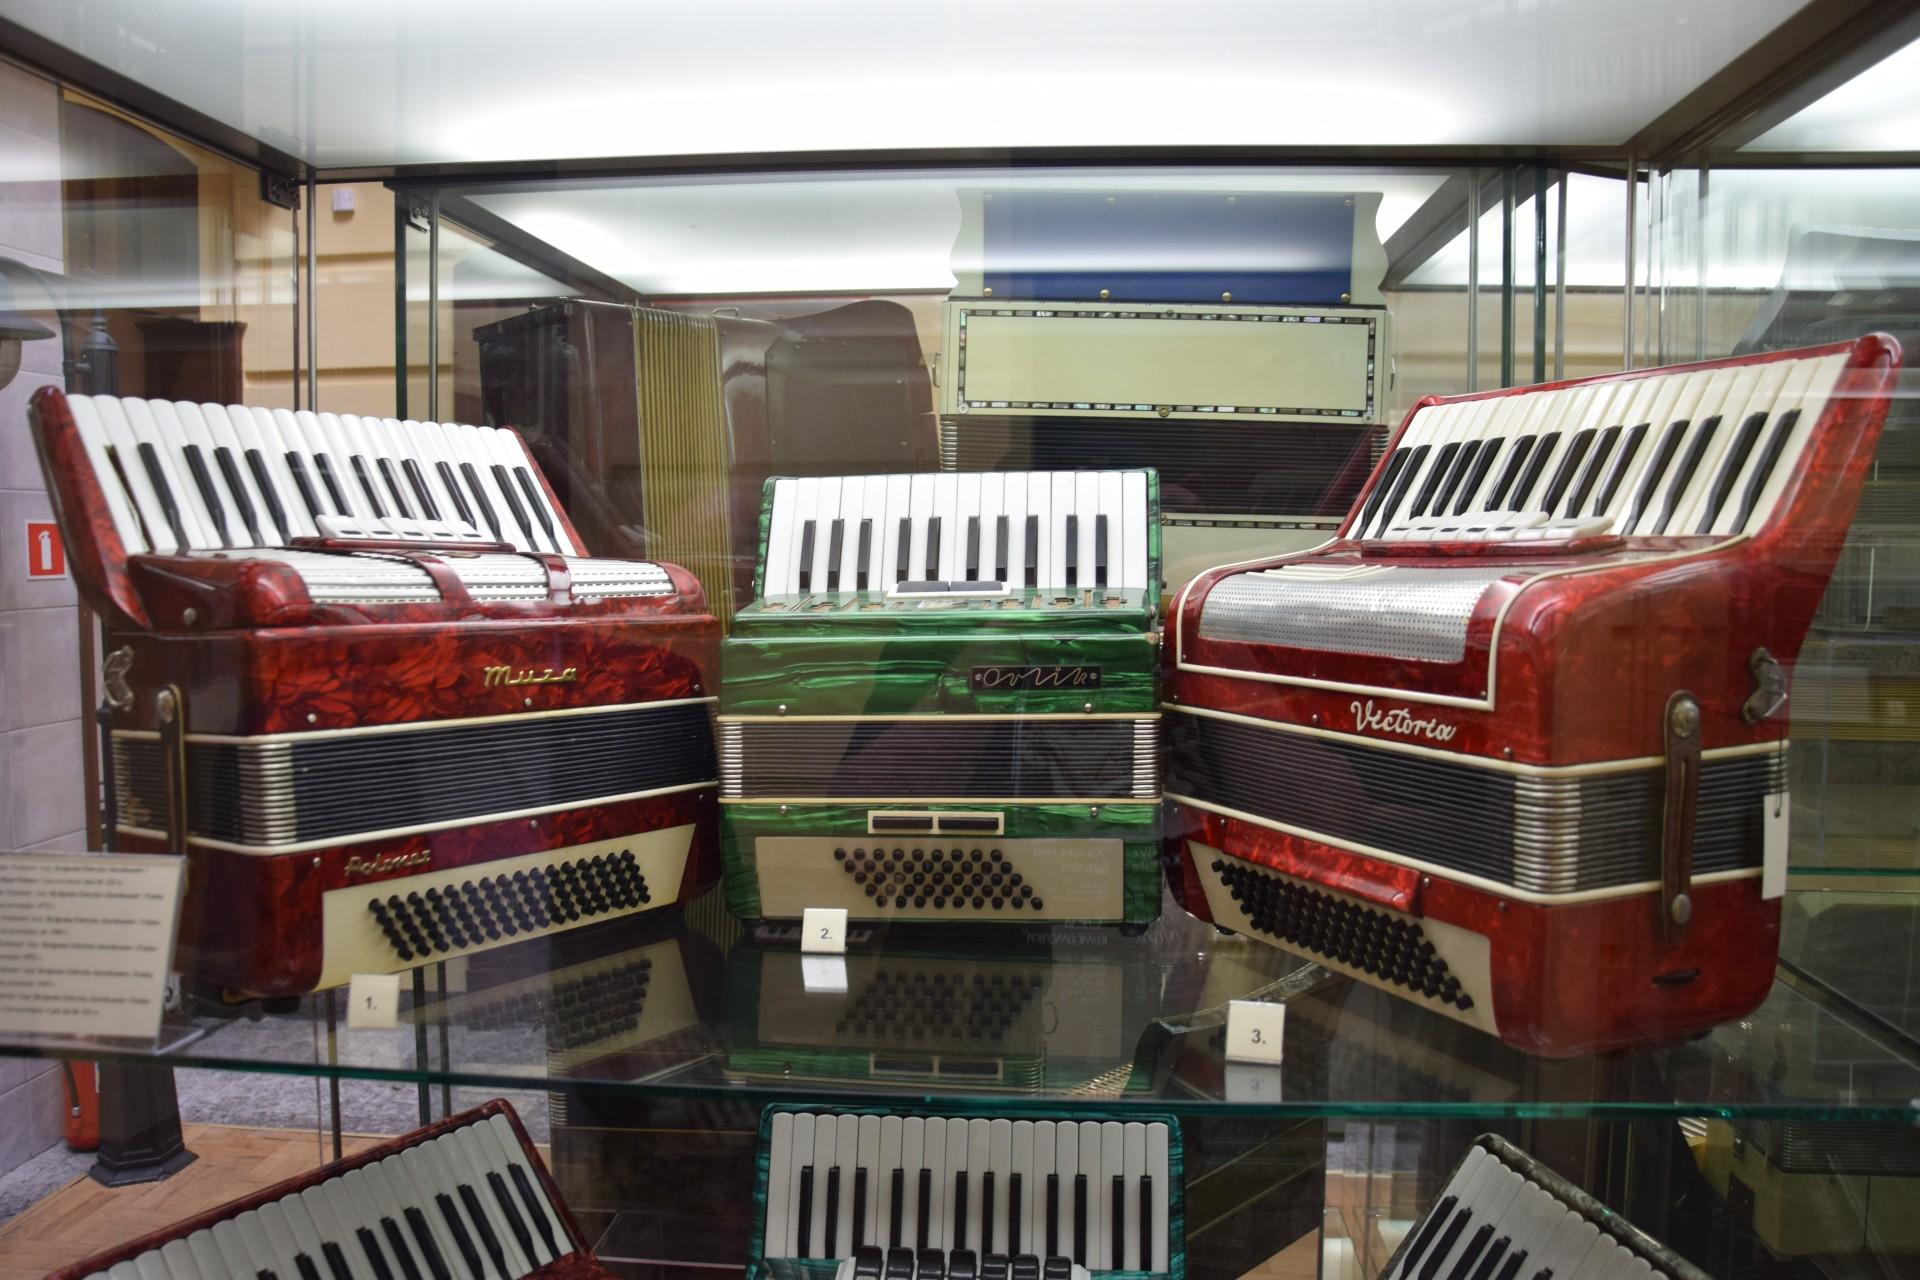 Kościerzyna. Muzeum Akordeonu – kwecz, świnia czy kaloryfer? 3